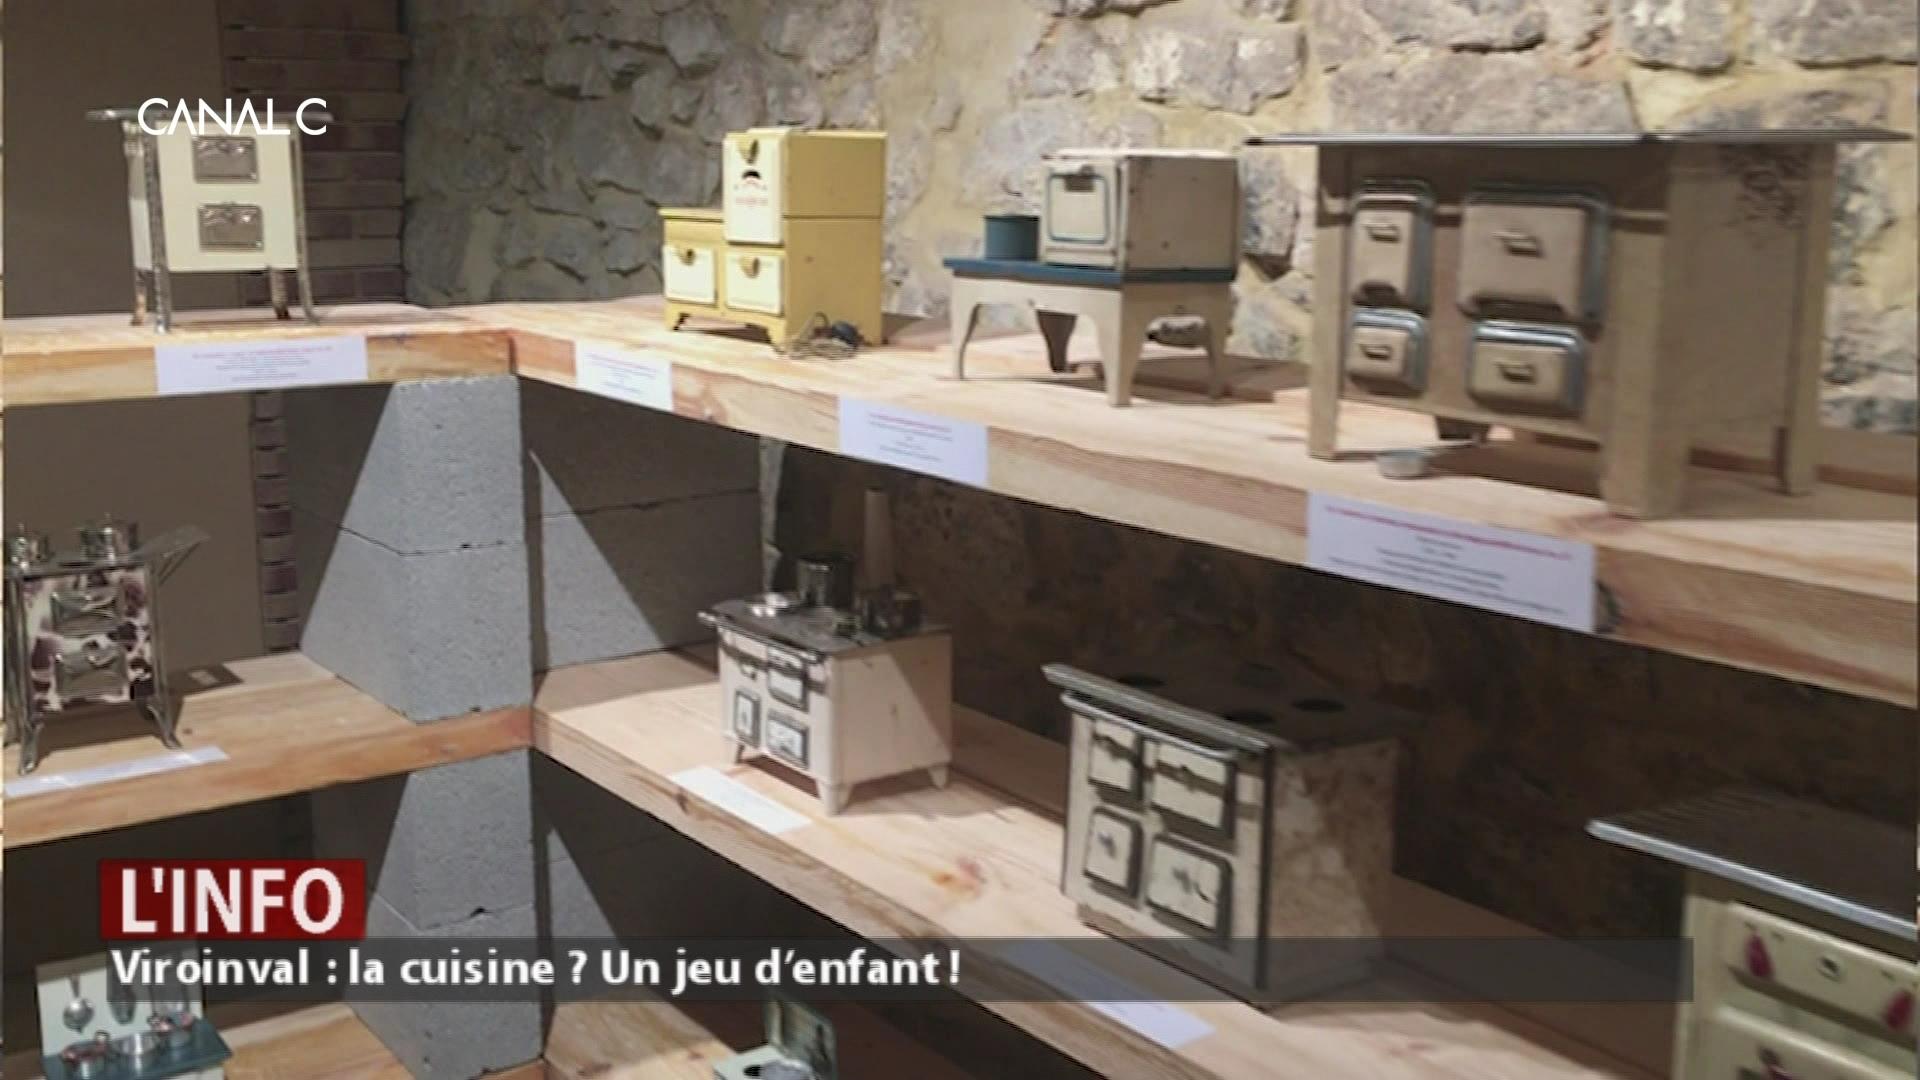 Viroinval : La cuisine ? Un jeu d'enfant !